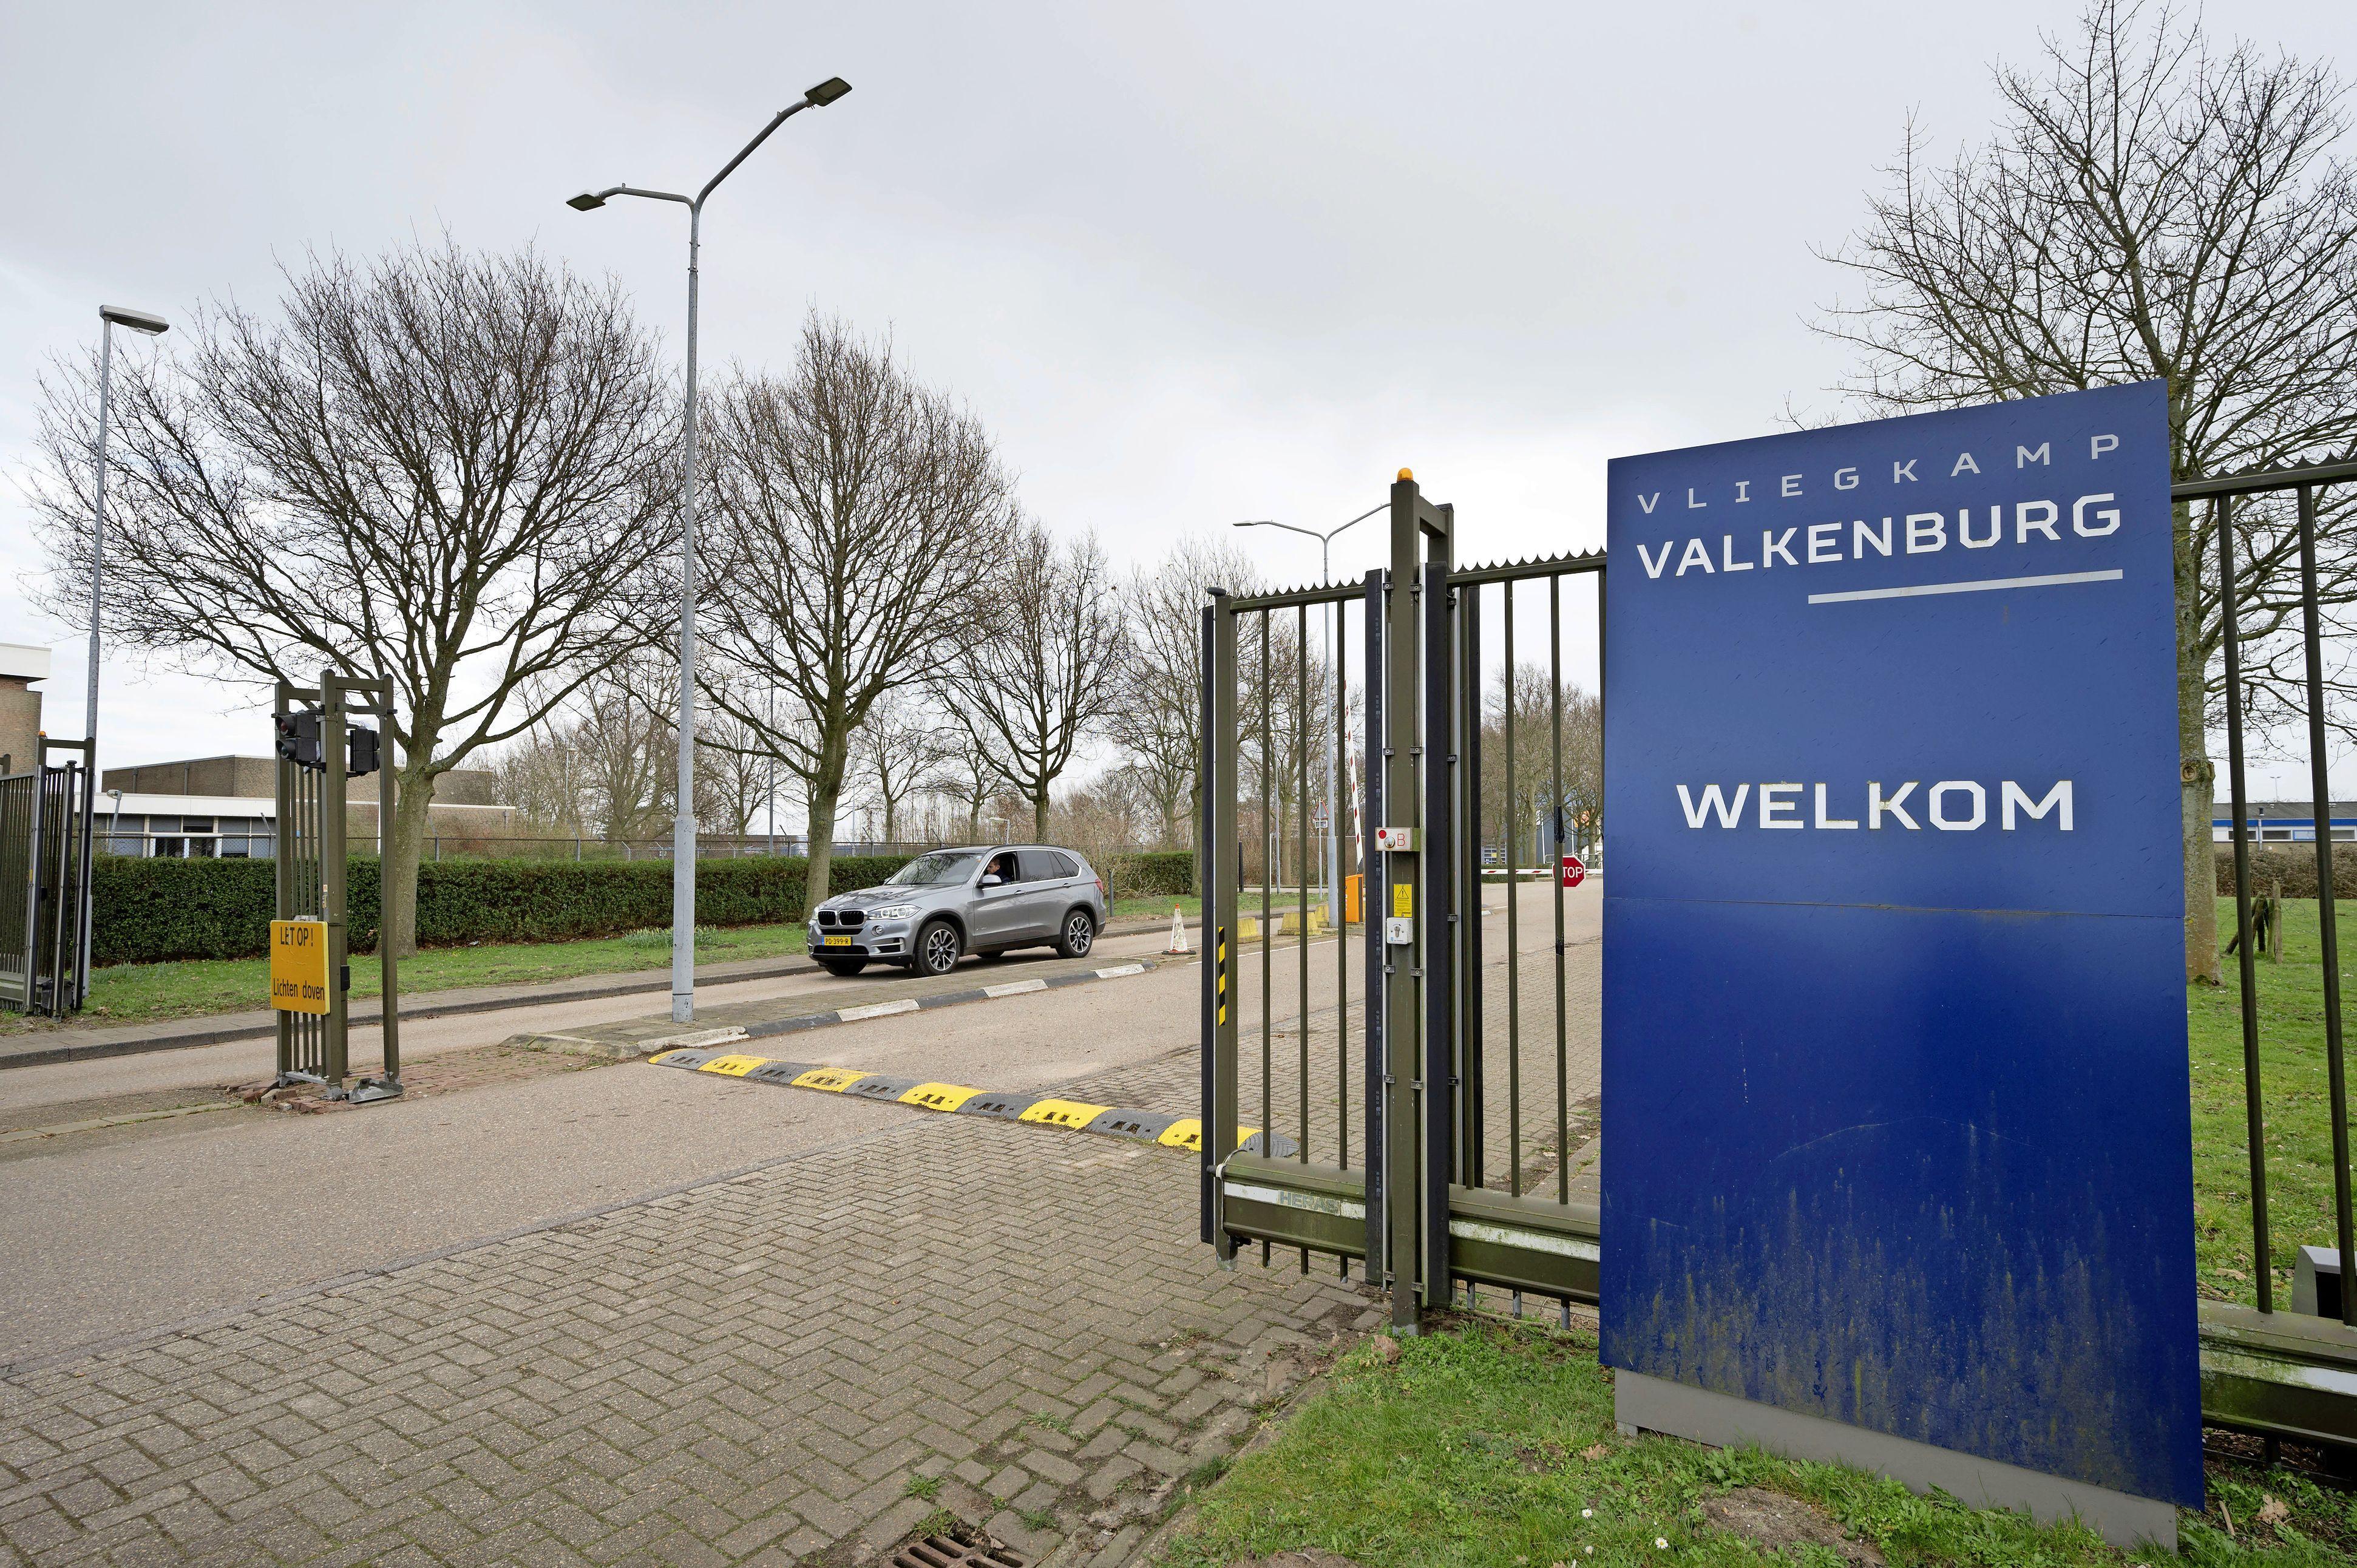 Voormalig vliegkamp Valkenburg blijft voorlopig verboden terrein voor onbevoegden: 'Openstelling is niet zonder meer mogelijk'